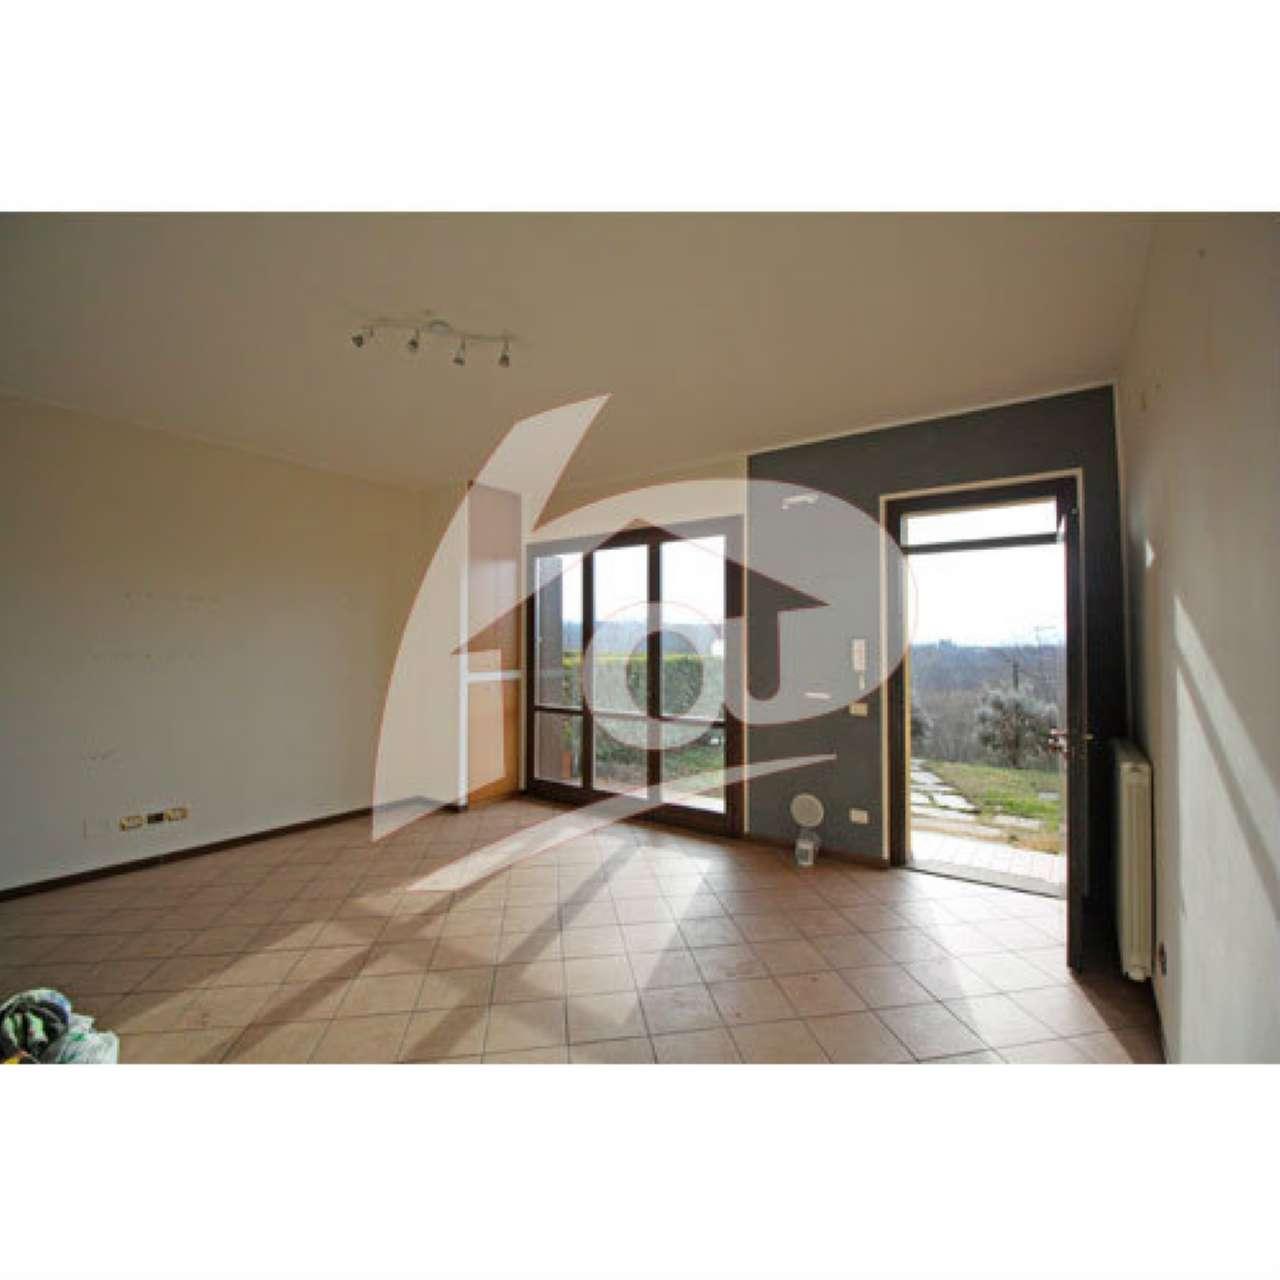 Appartamento in vendita a Besozzo, 2 locali, prezzo € 100.000 | CambioCasa.it